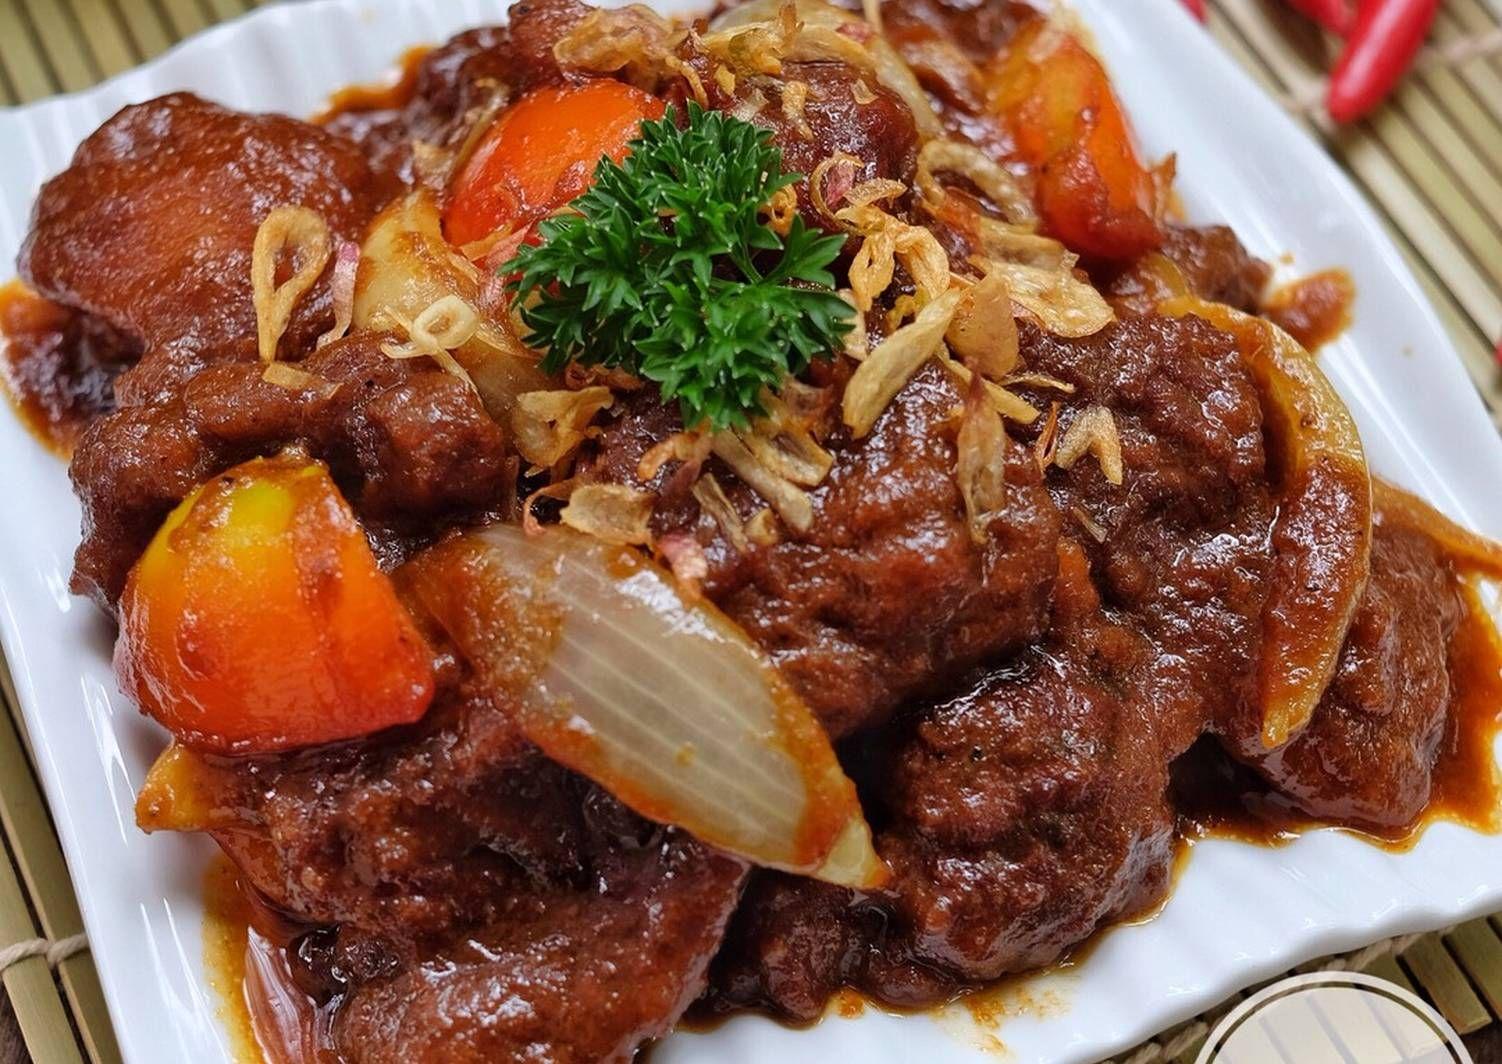 Resep Semur Daging Kentang Oleh Susi Agung Resep Semur Daging Resep Masakan Masakan